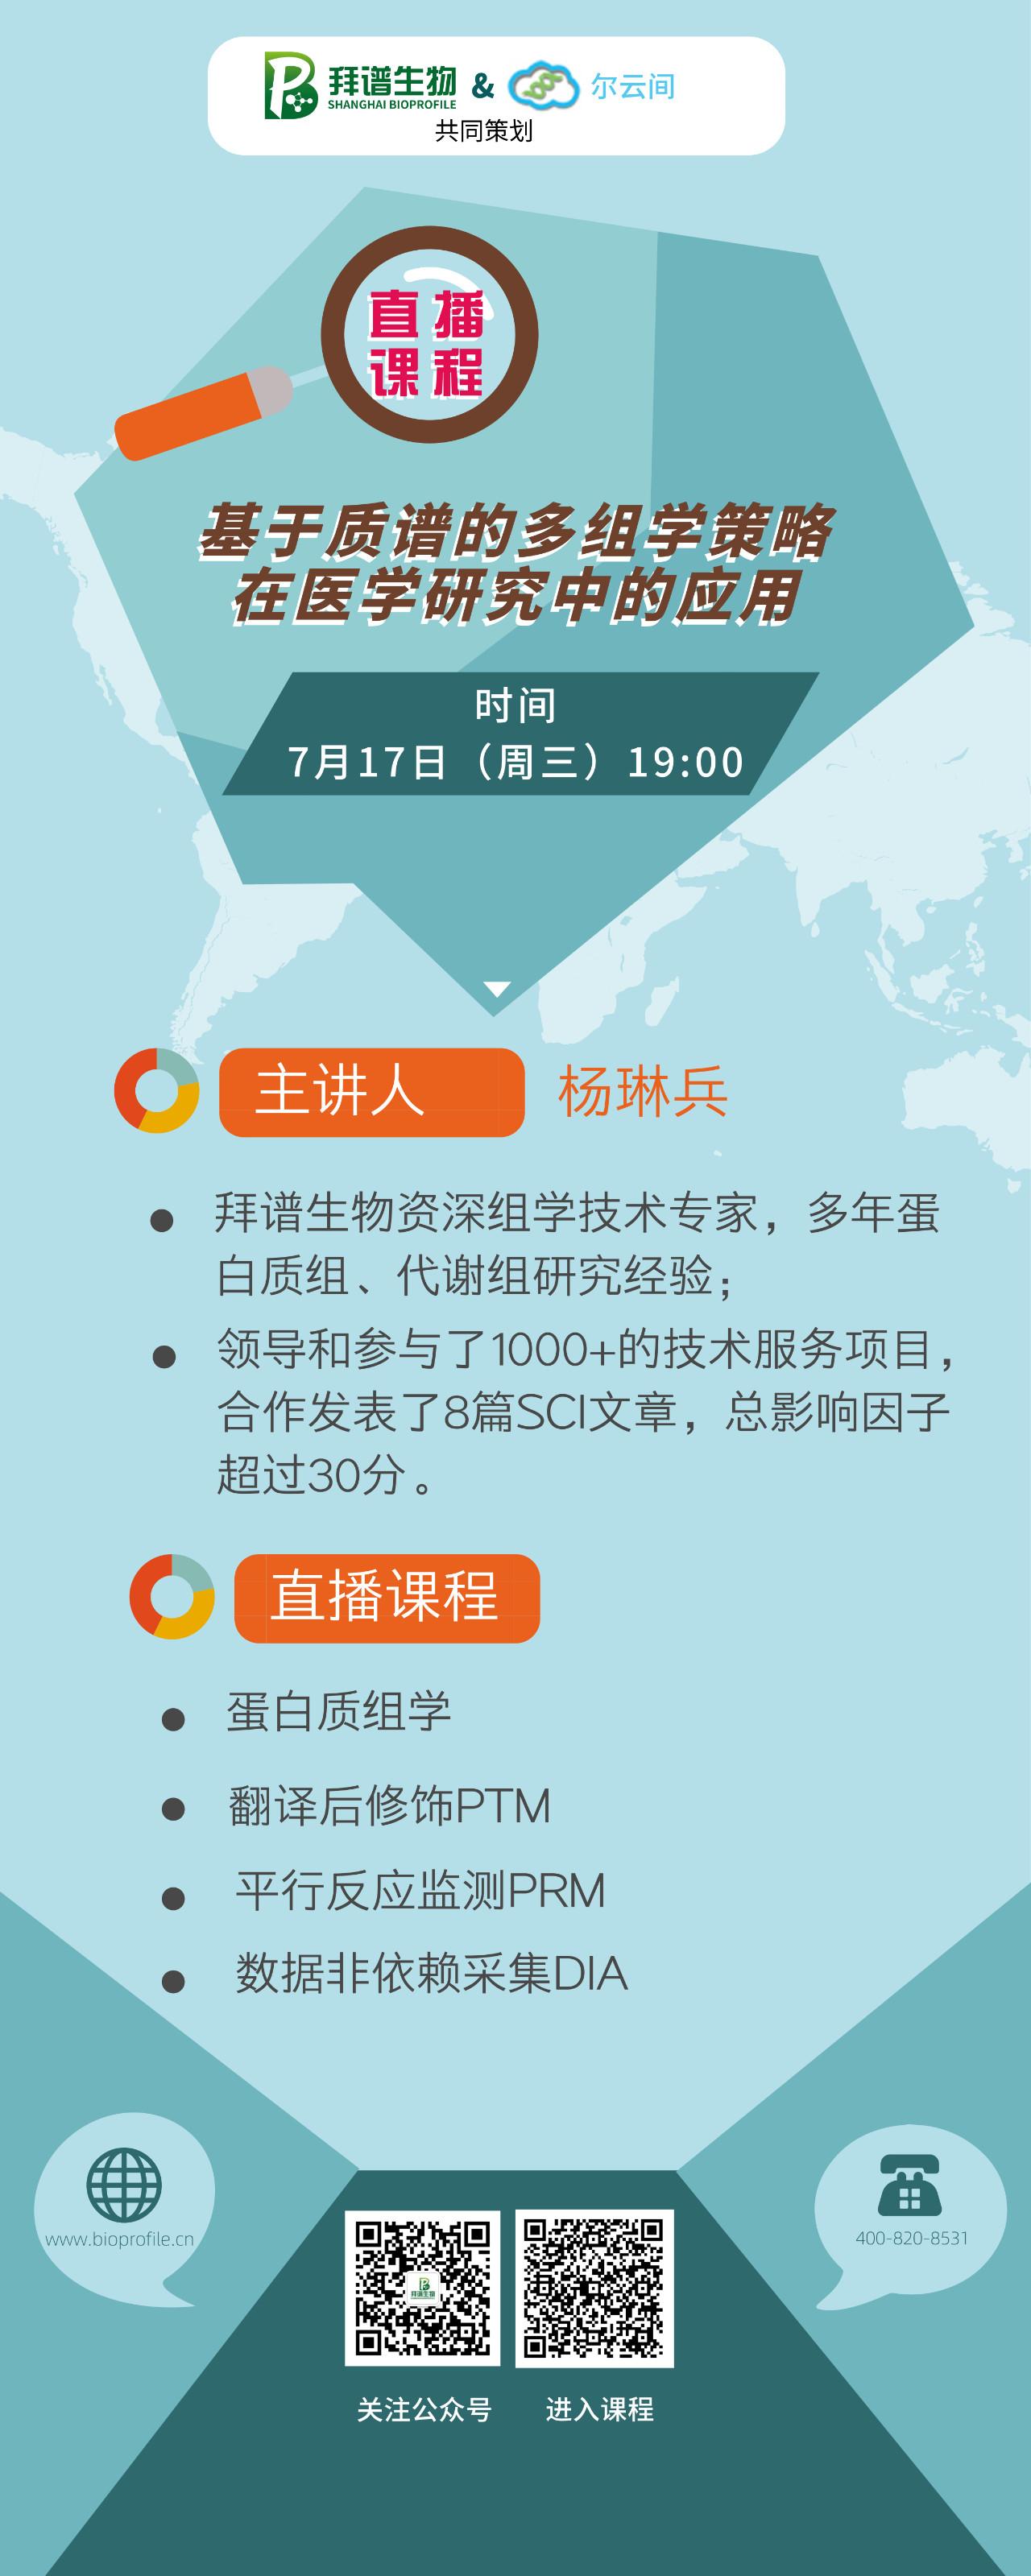 杨琳兵  基于质谱的多组学策略在医学研究的应用